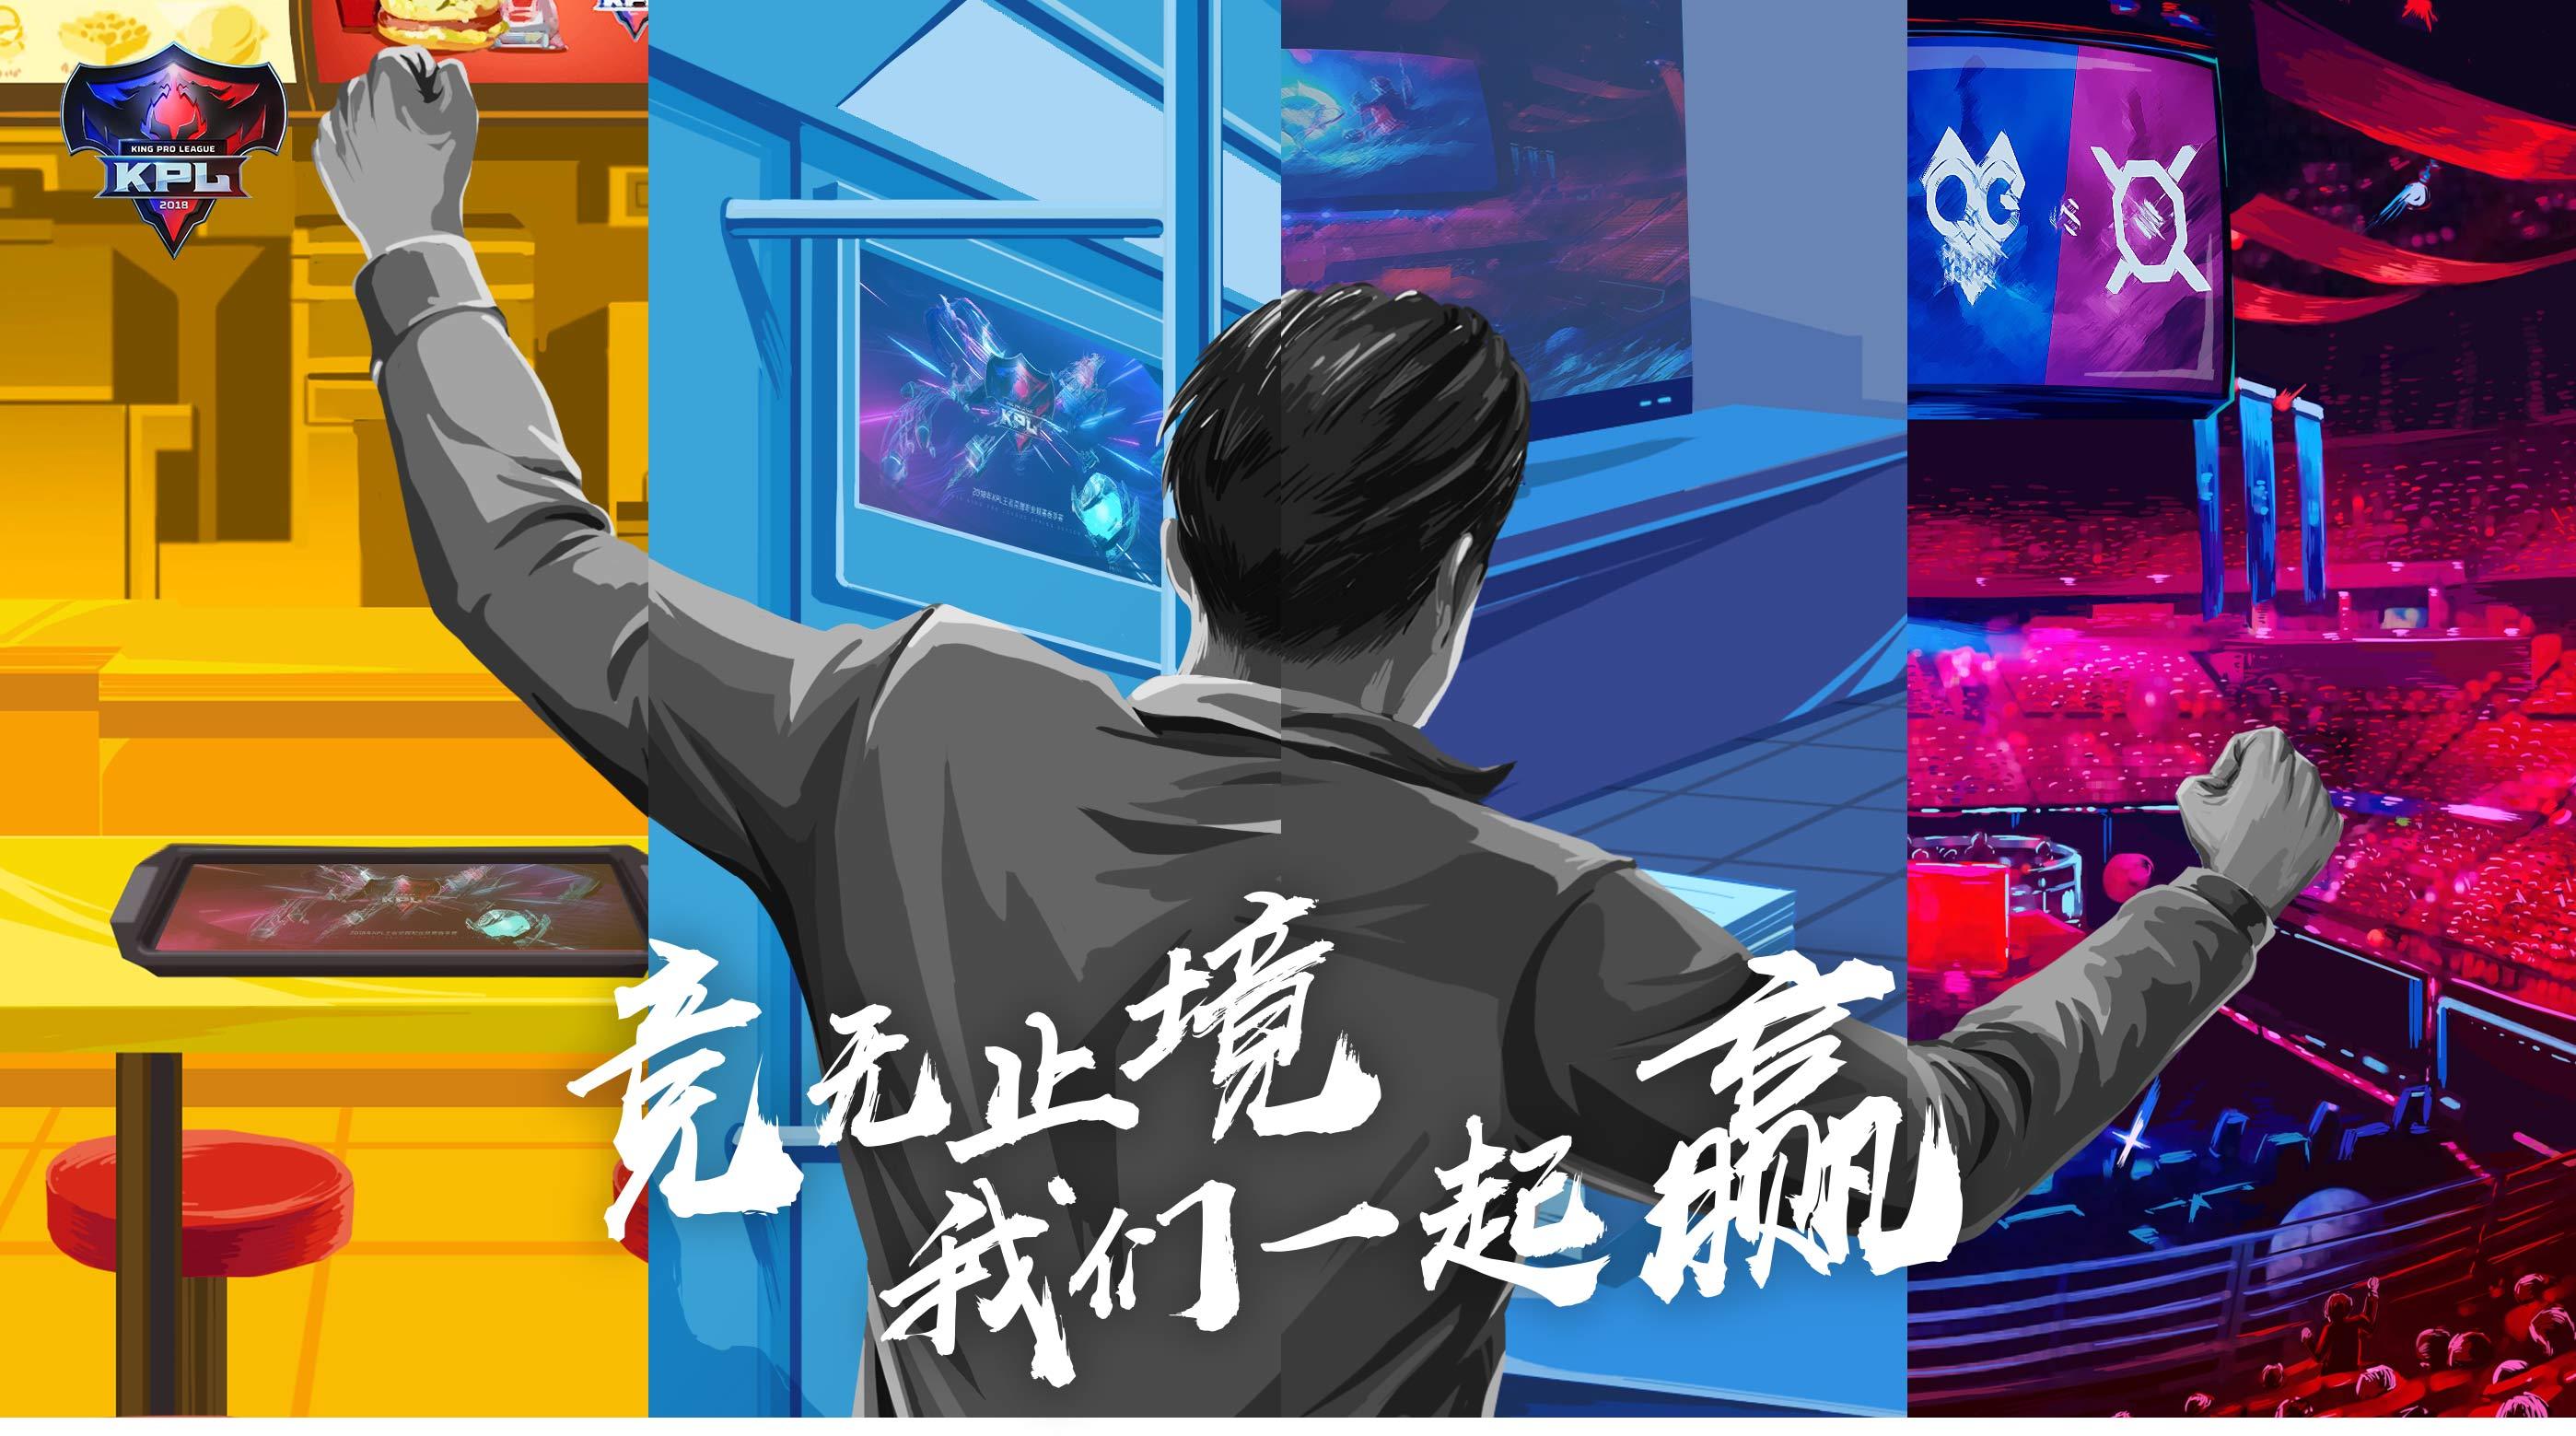 2018年KPL王者荣耀职业联赛官方合作伙伴名单公布